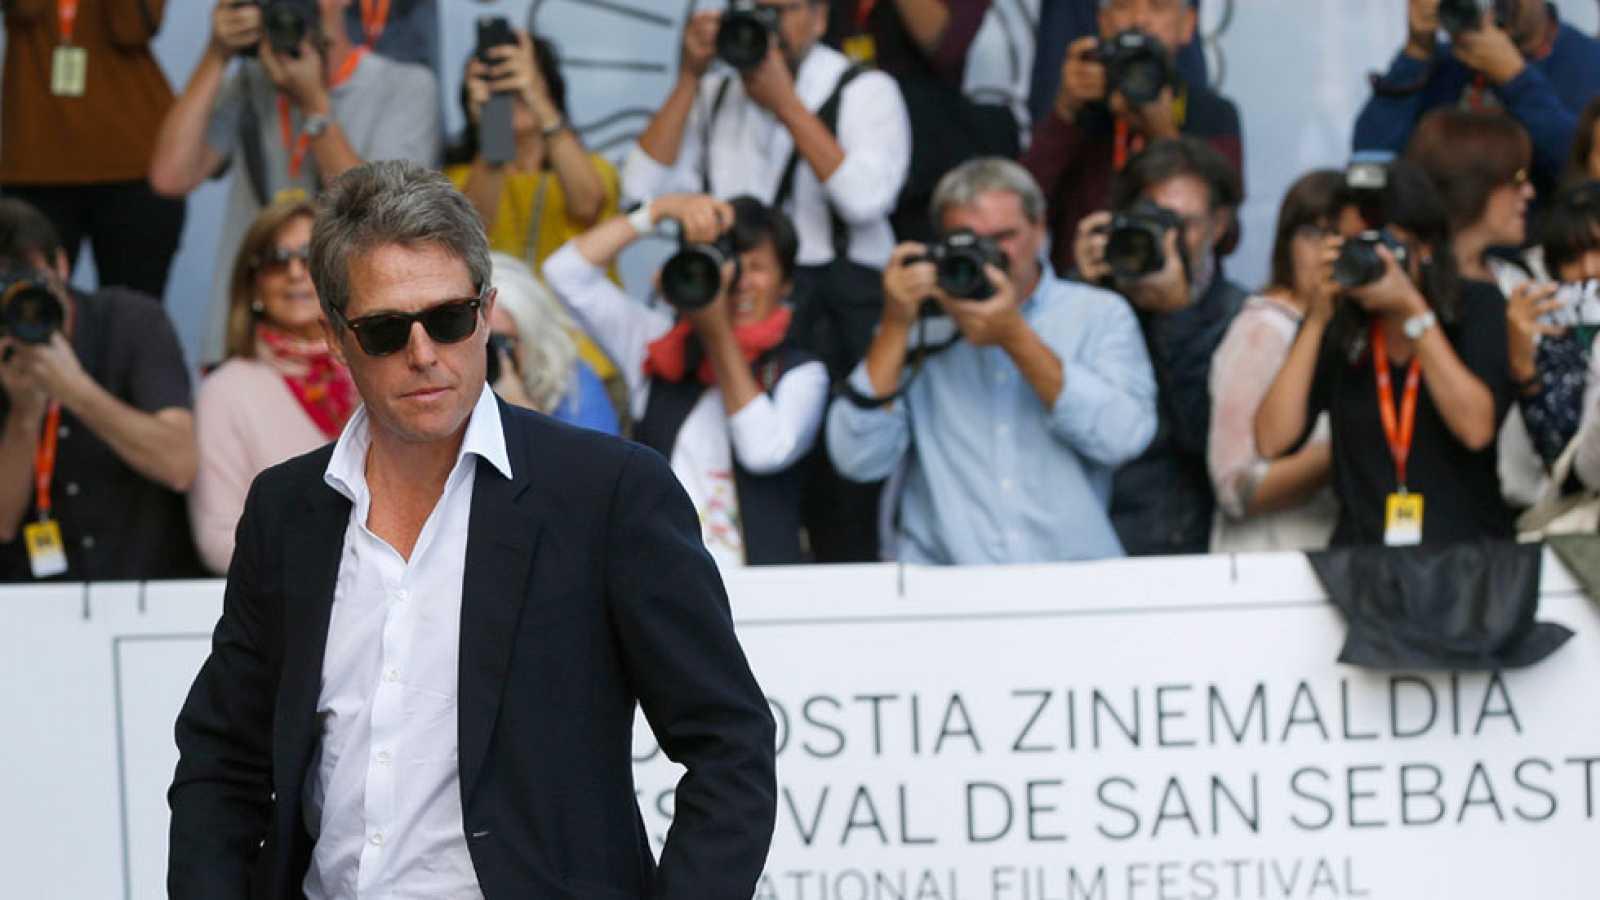 El Festival de San Sebastián culmina un fin de semana plagado de cine